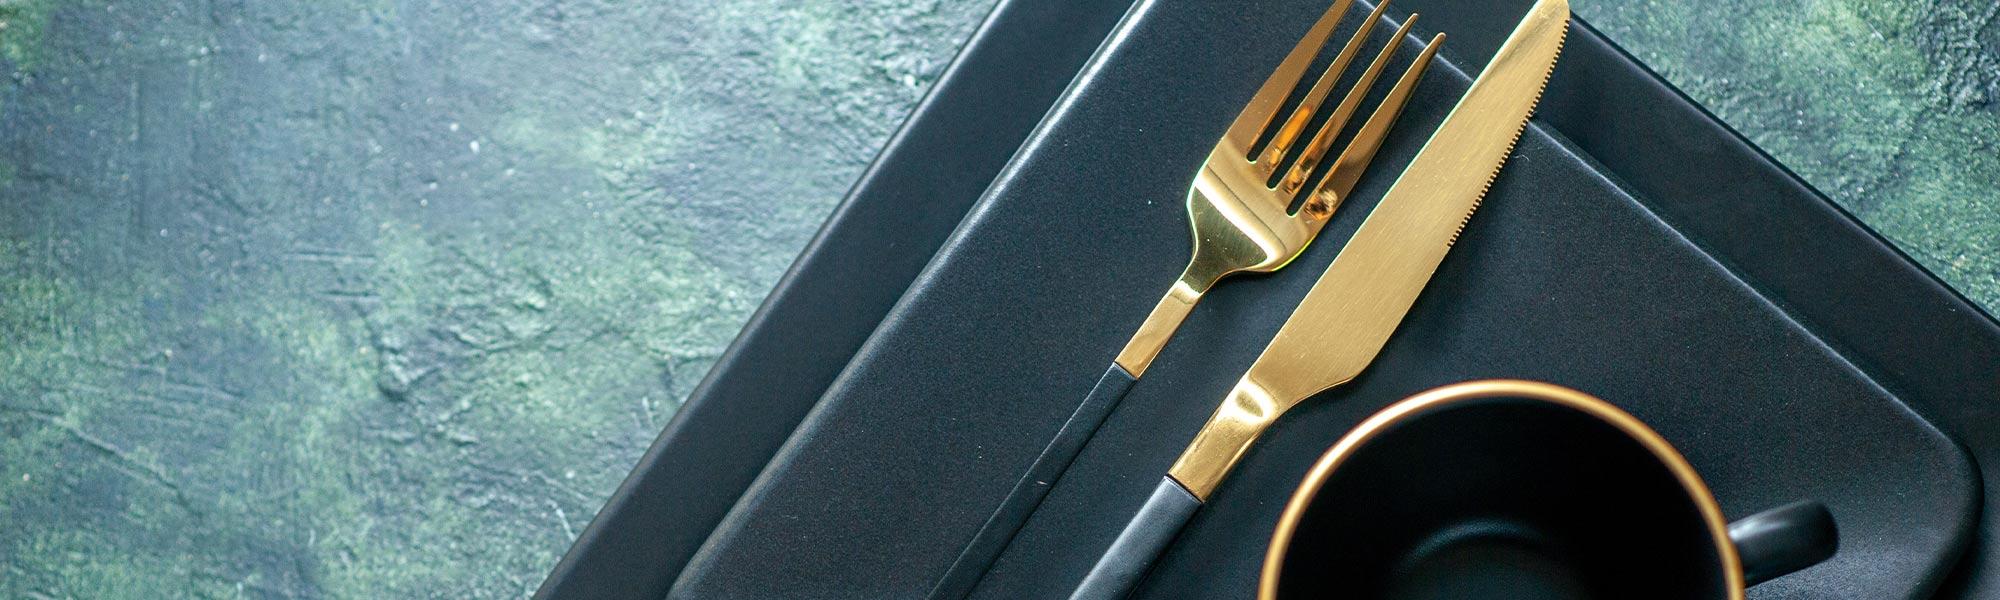 Accessori cucina design Treviso | Gotti Store